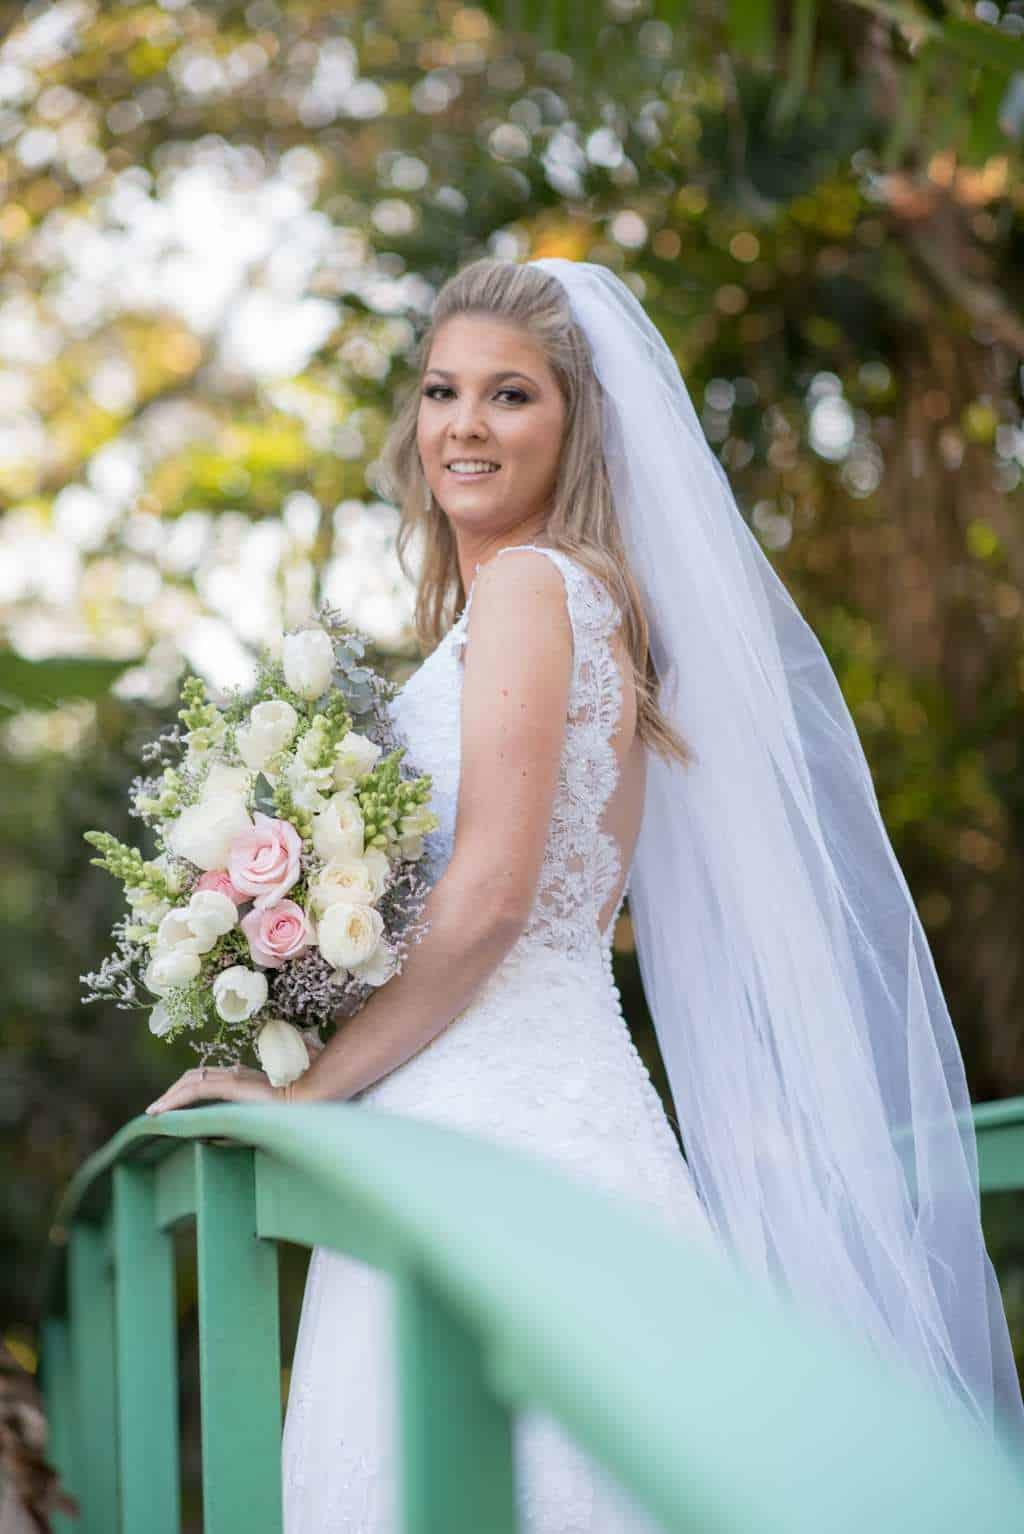 casamento-de-dia-casamento-Nicole-e-Thales-casamento-no-jardim-csasamento-ao-ar-livre-Fotografia-Marina-Fava-Galeria-Jardim-Rio-de-Janeiro-75